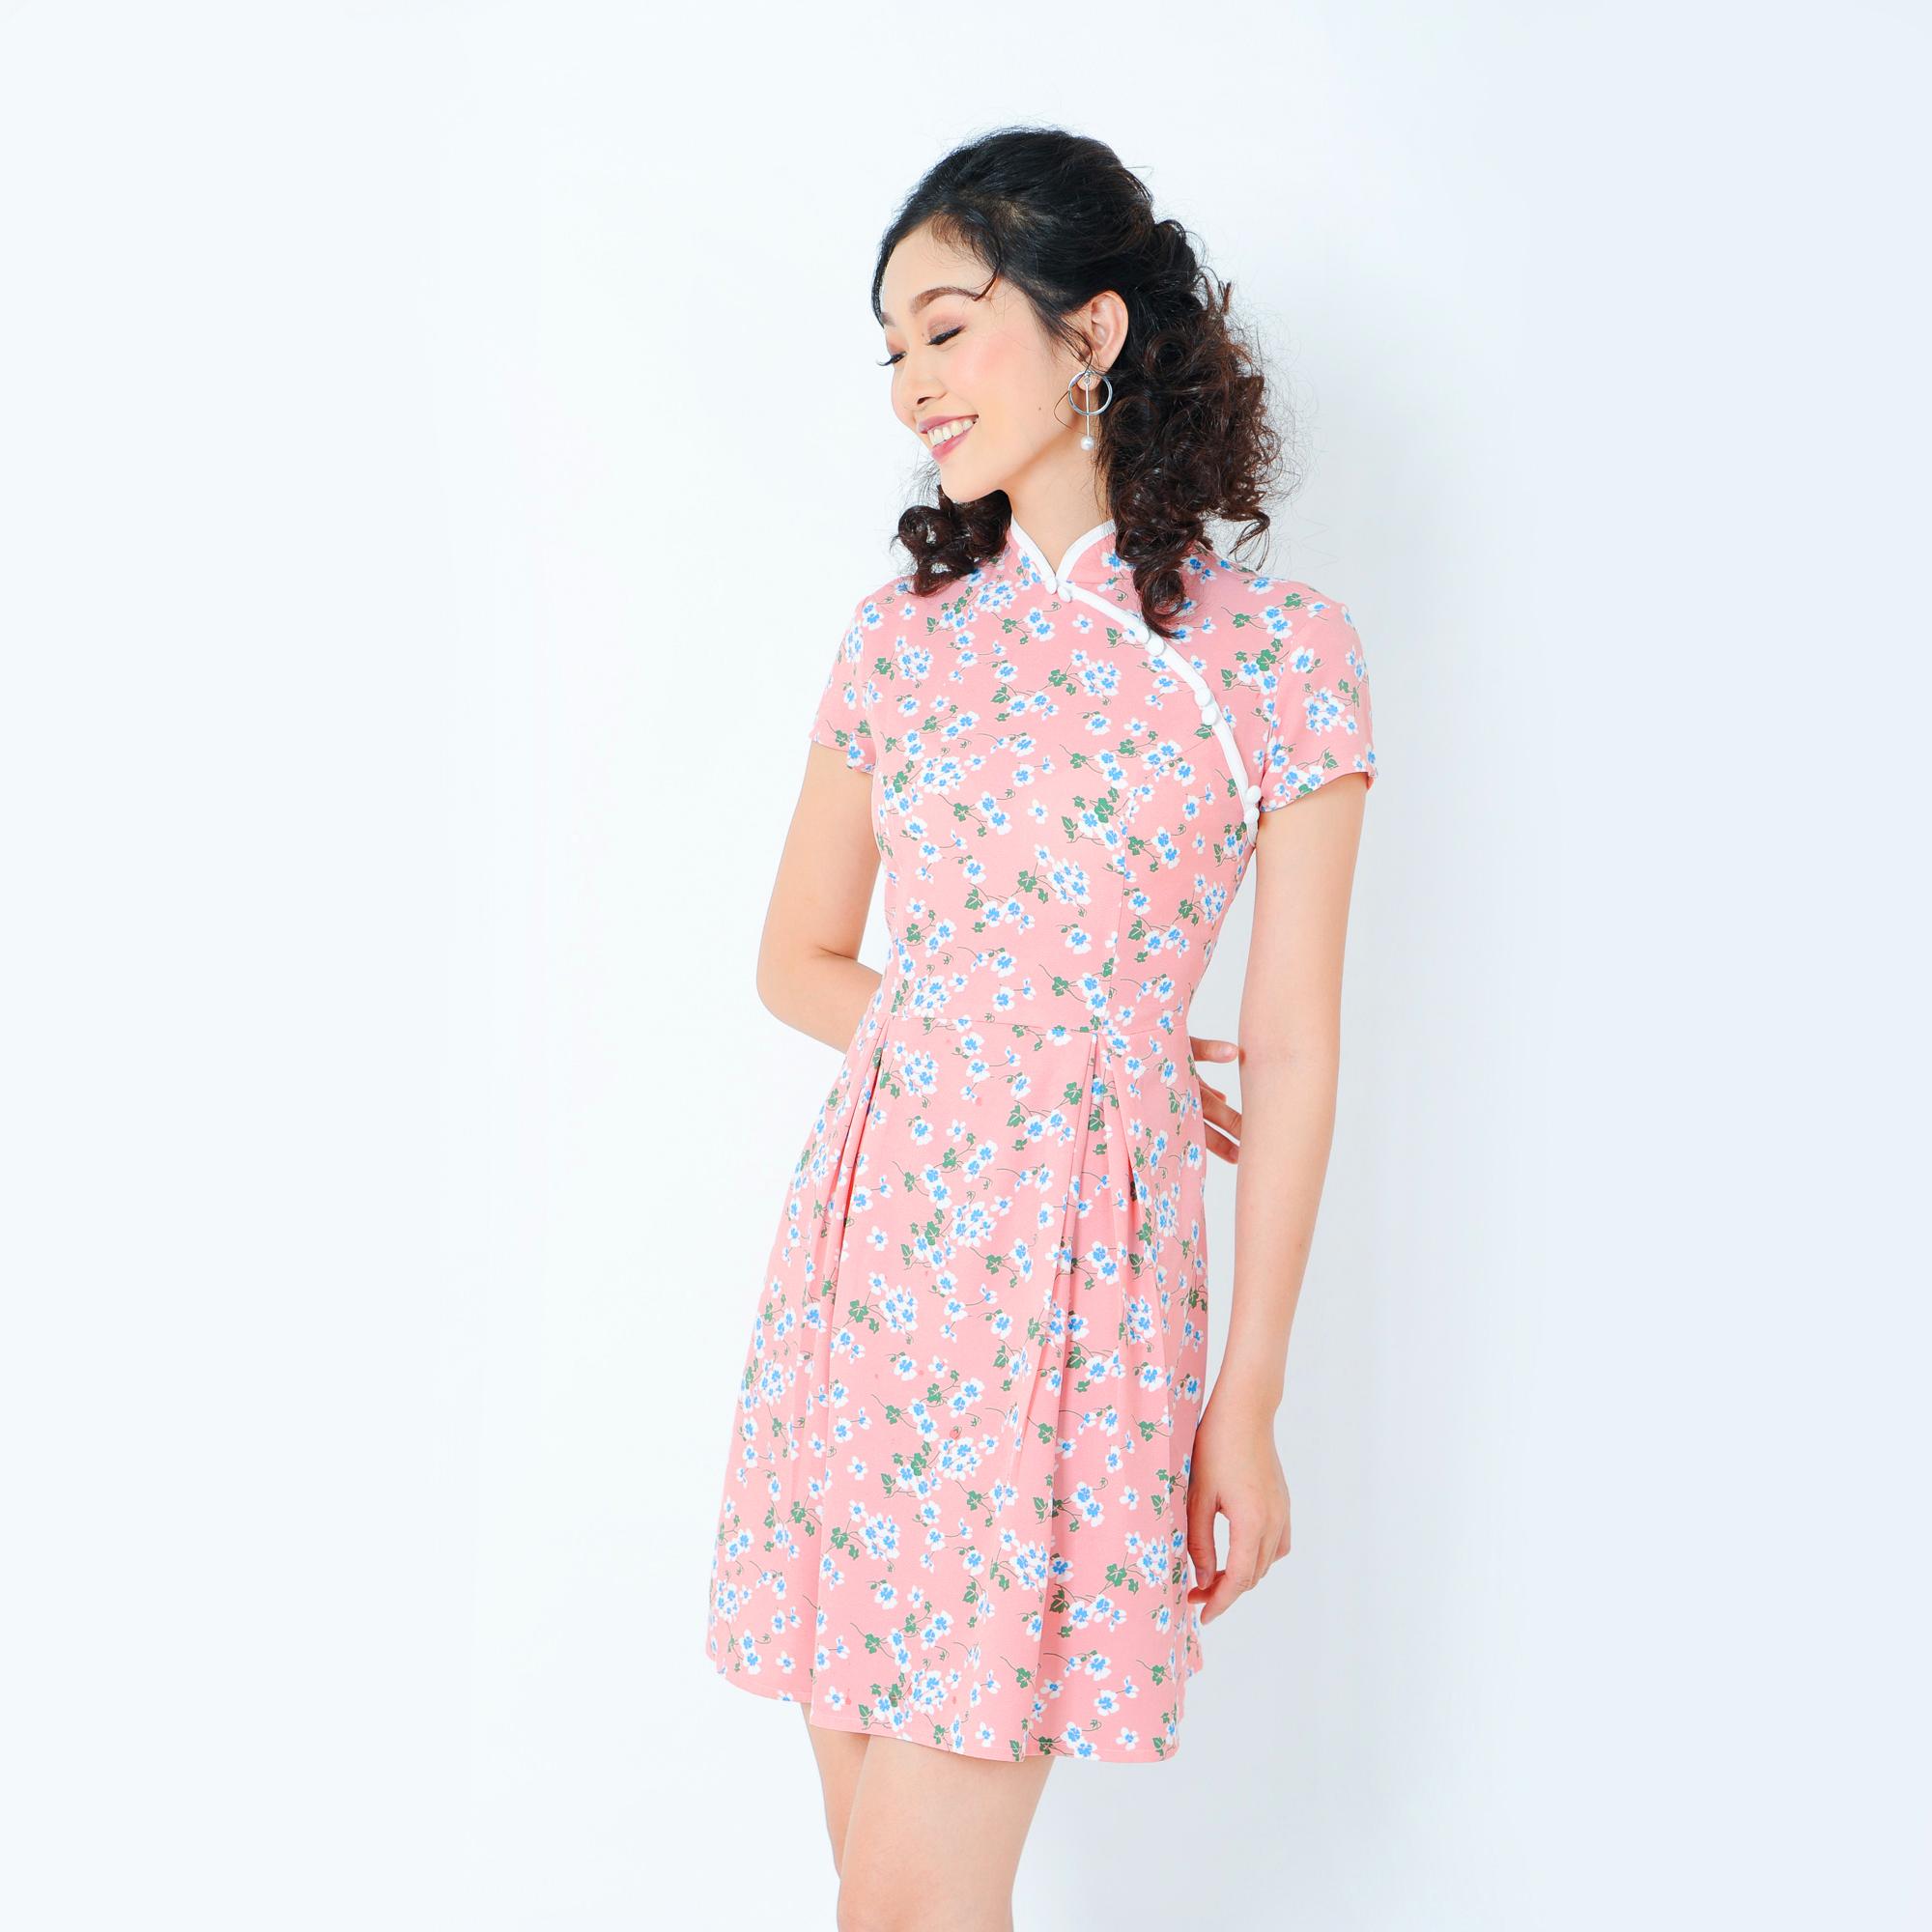 Đầm xòe cổ sườn xám thời trang Eden d202 (hồng)